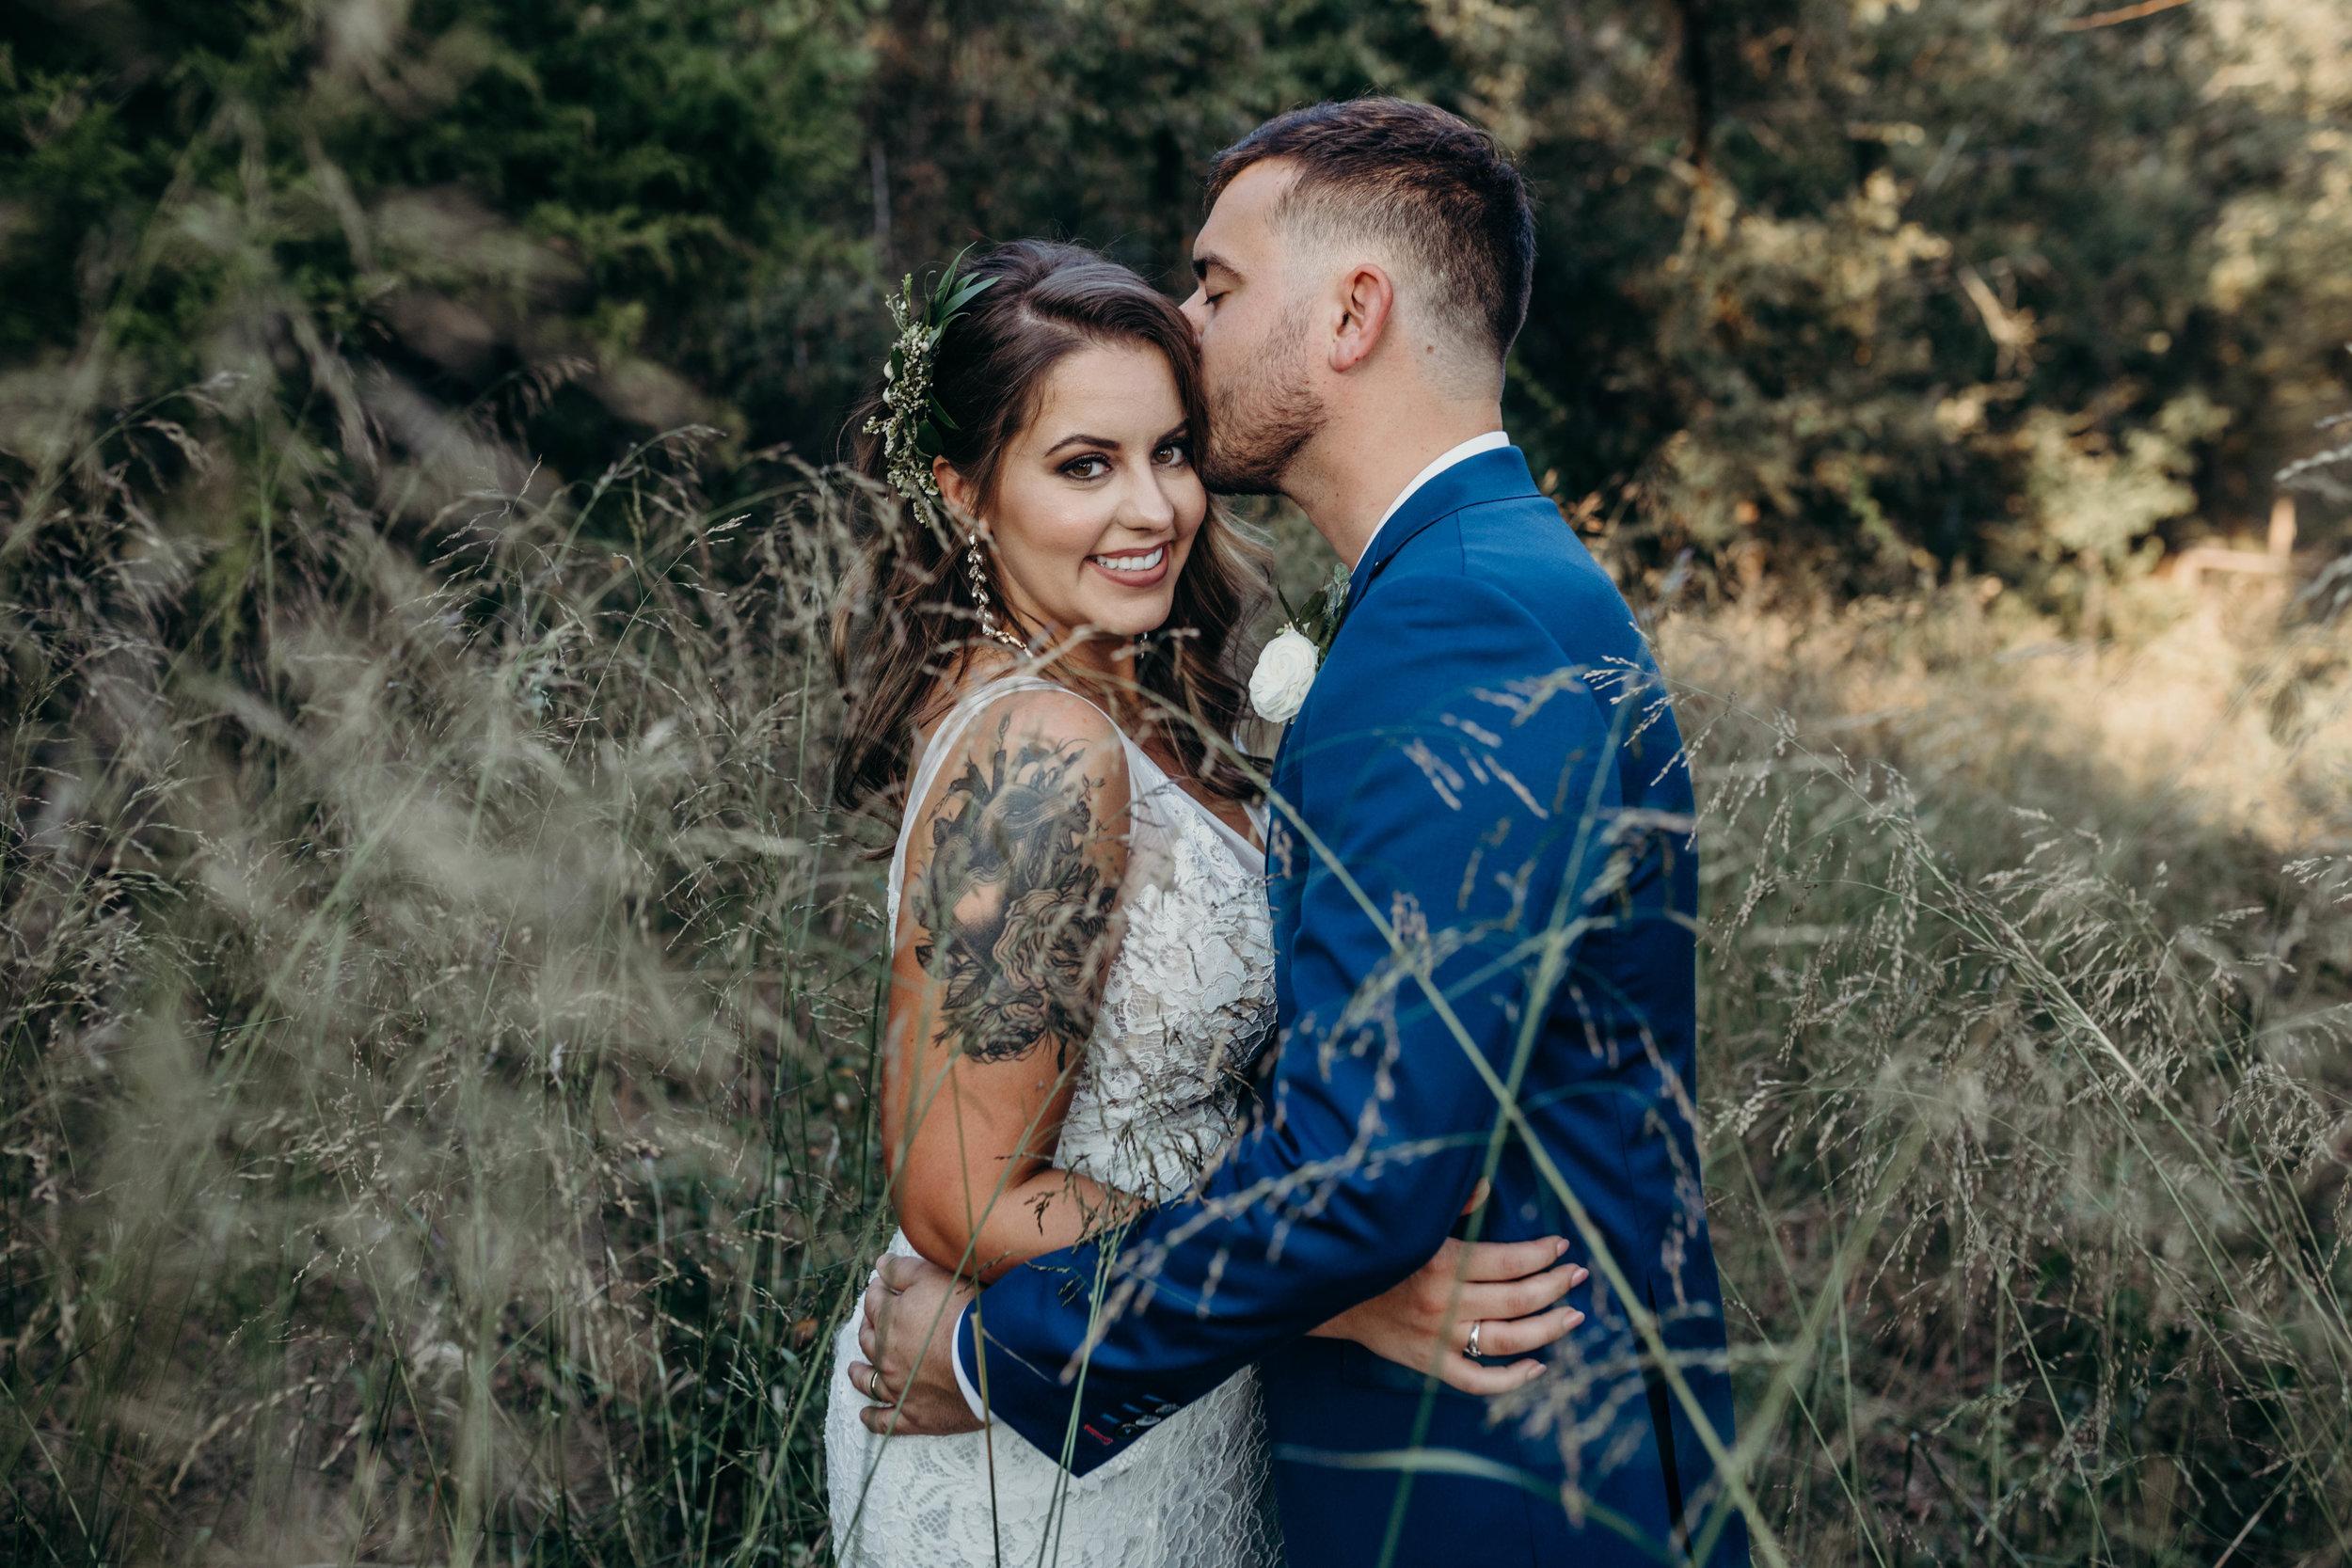 dietzen_aubrey-texas-the-springs-wedding_026-1.jpg